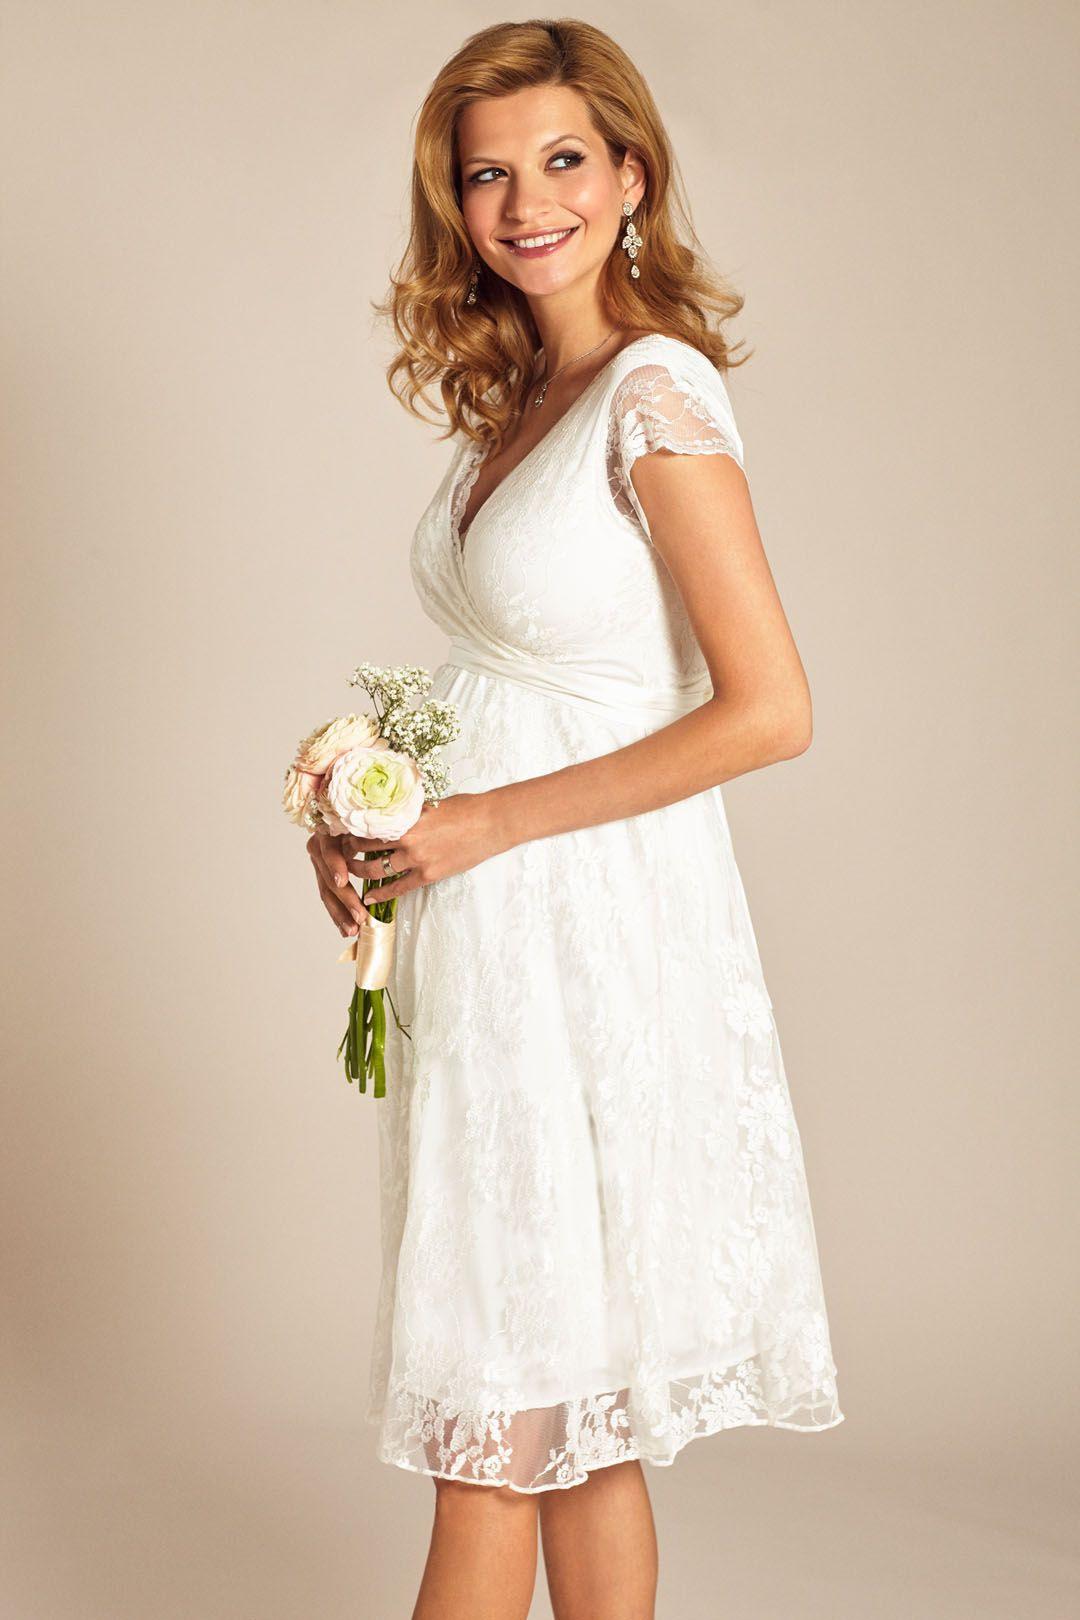 Heiraten Mit Babybauch Im Hochzeitskleid Für Schwangere